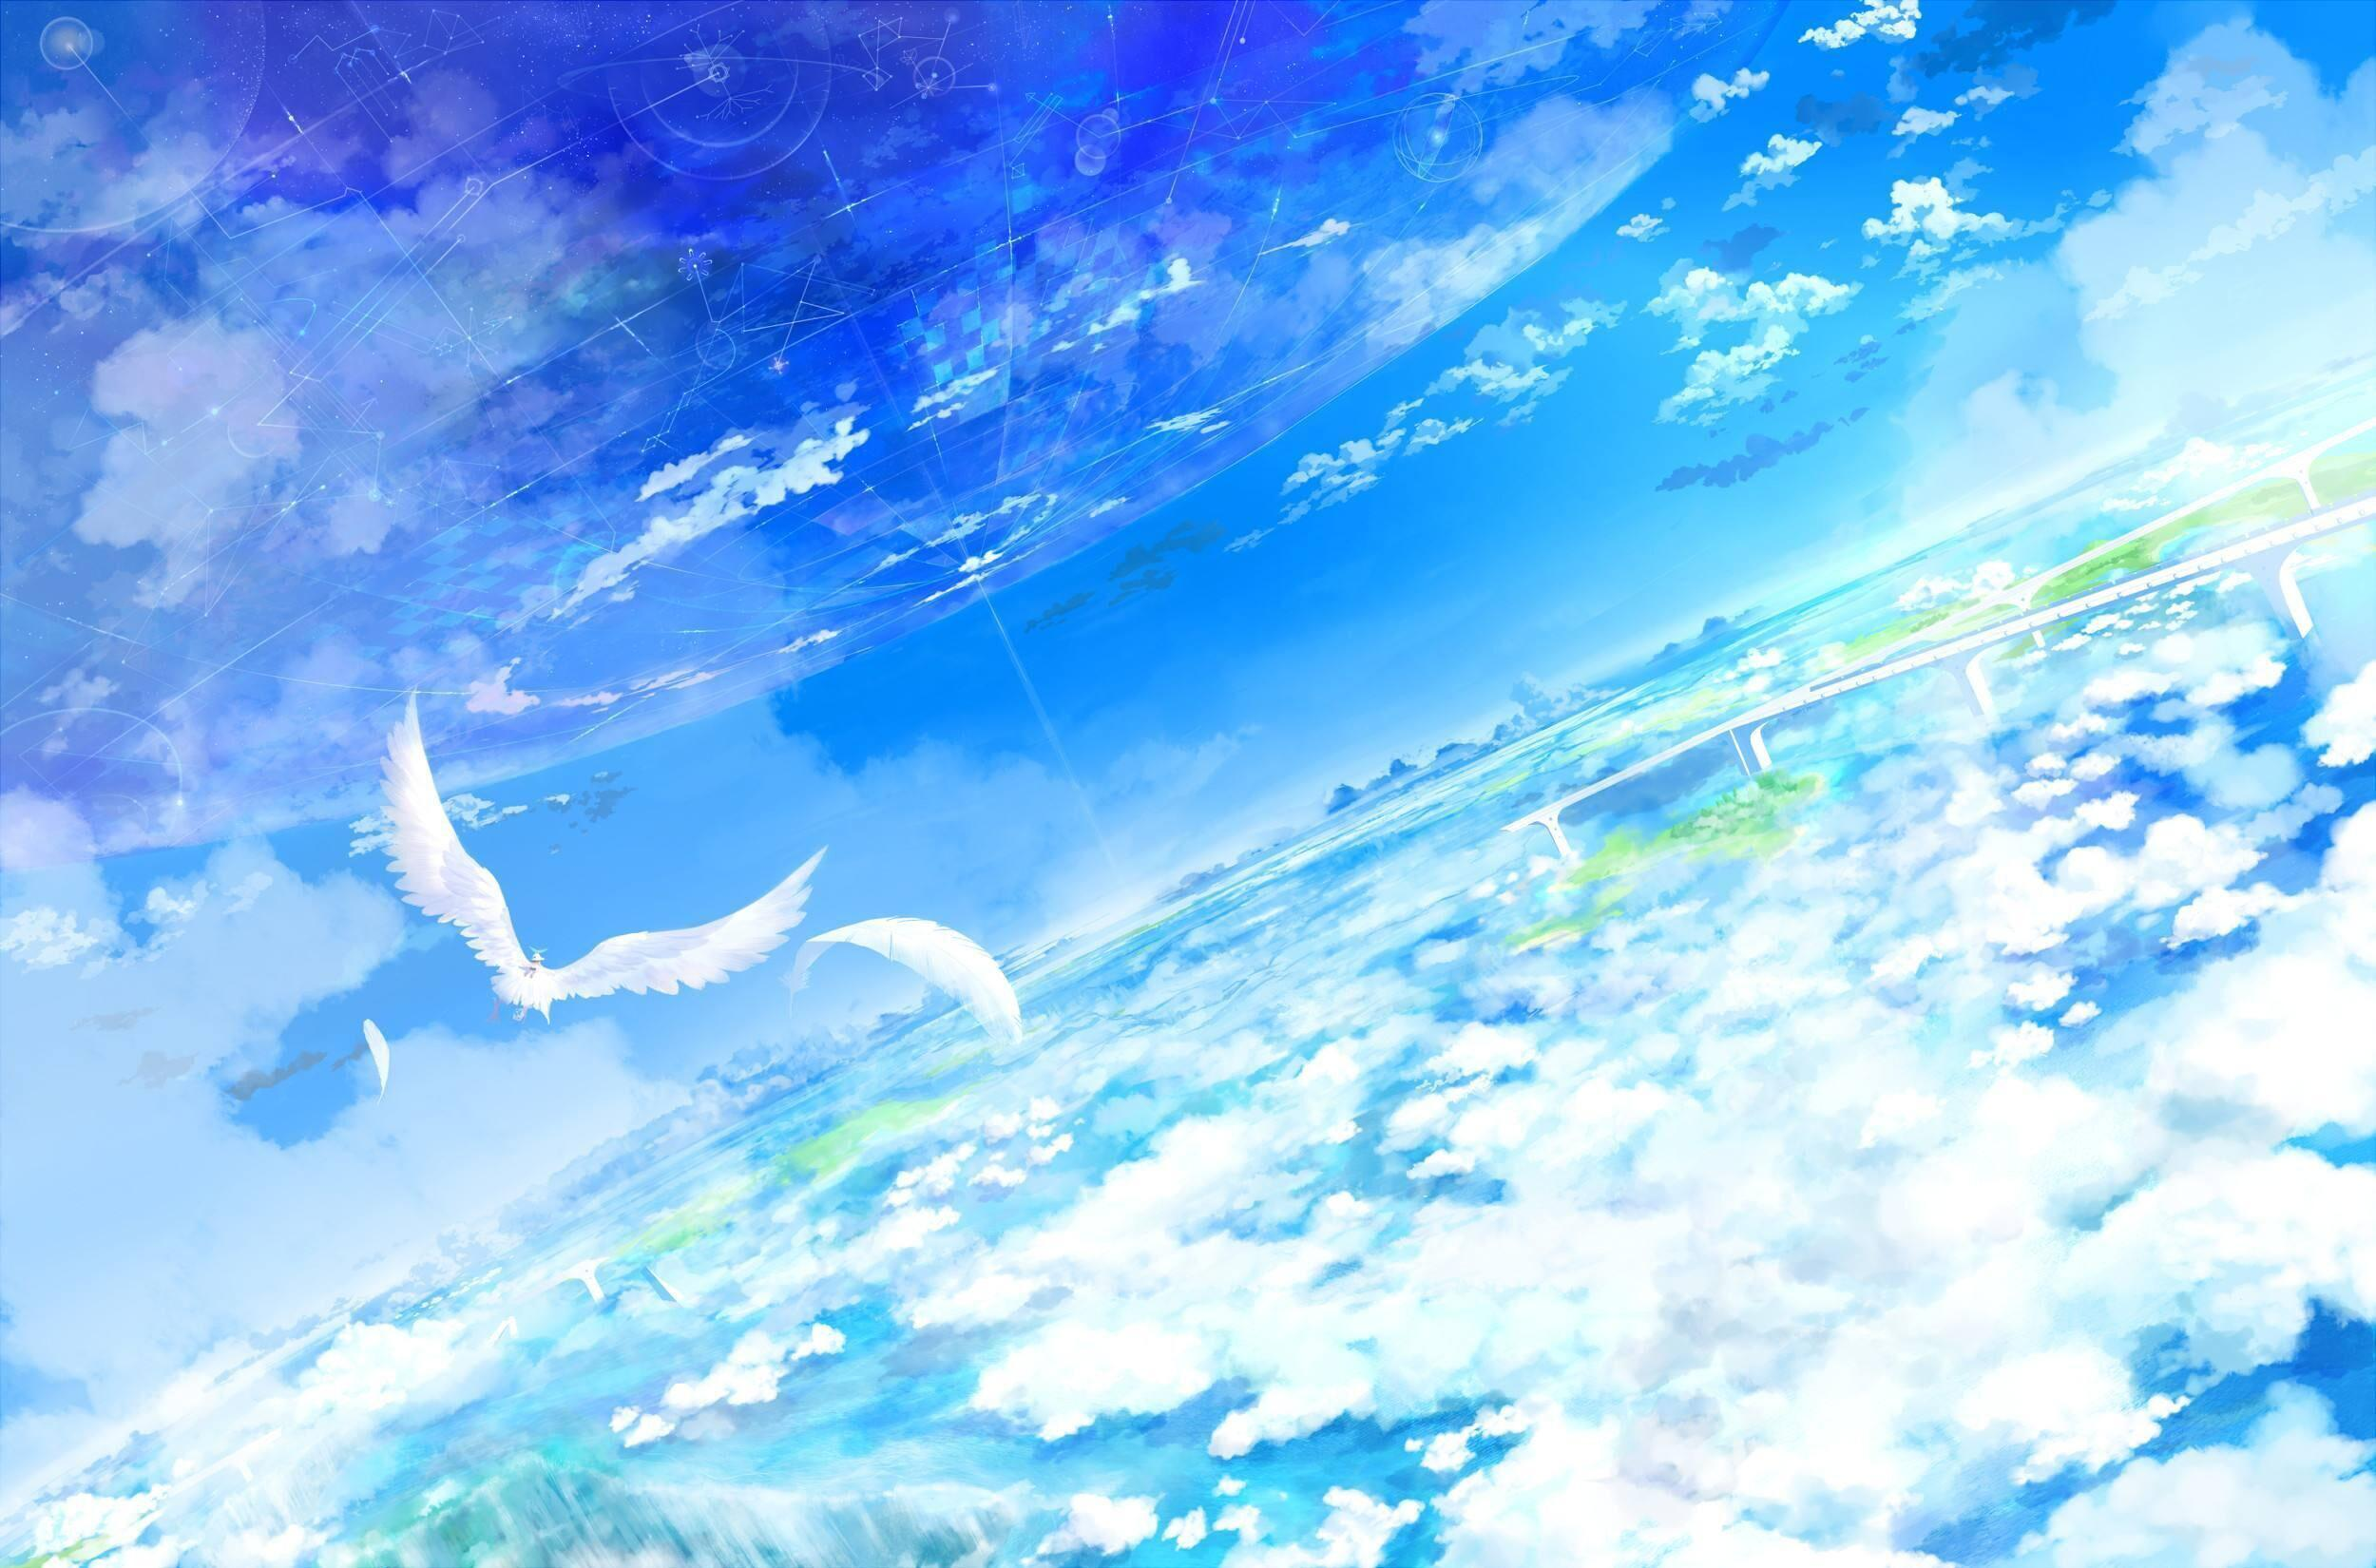 背景 壁纸 风景 设计 矢量 矢量图 素材 天空 桌面 2500_1650